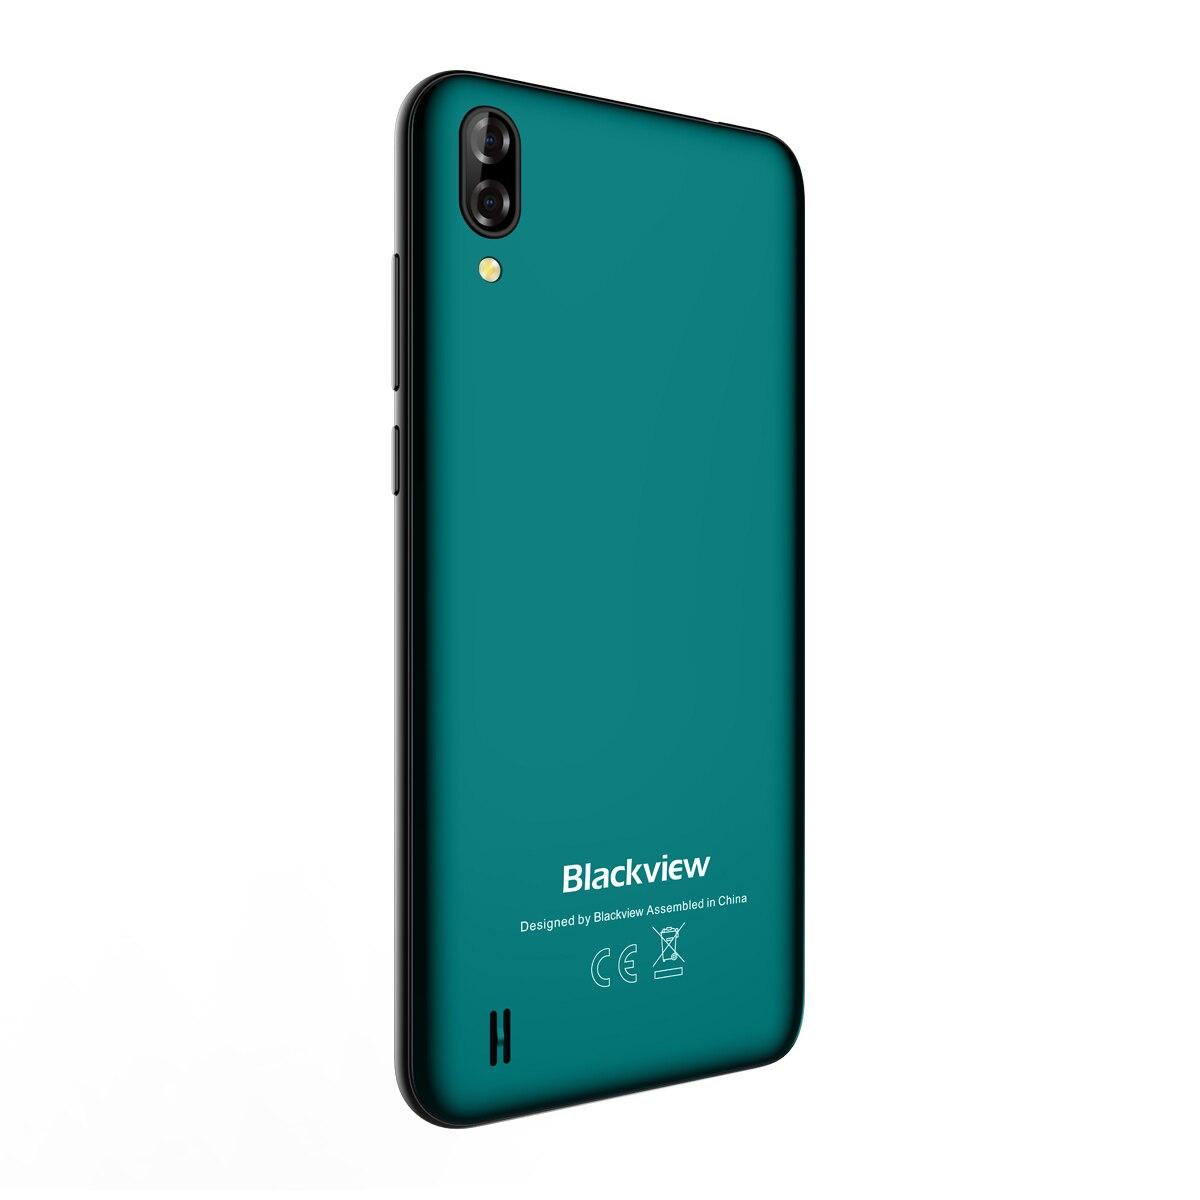 Nouveauté Blackview A60 Smartphone 4080mAh batterie 19:9 6.1 pouces double caméra 1GB RAM 16GB ROM téléphone portable 13MP + 5MP caméra - 3